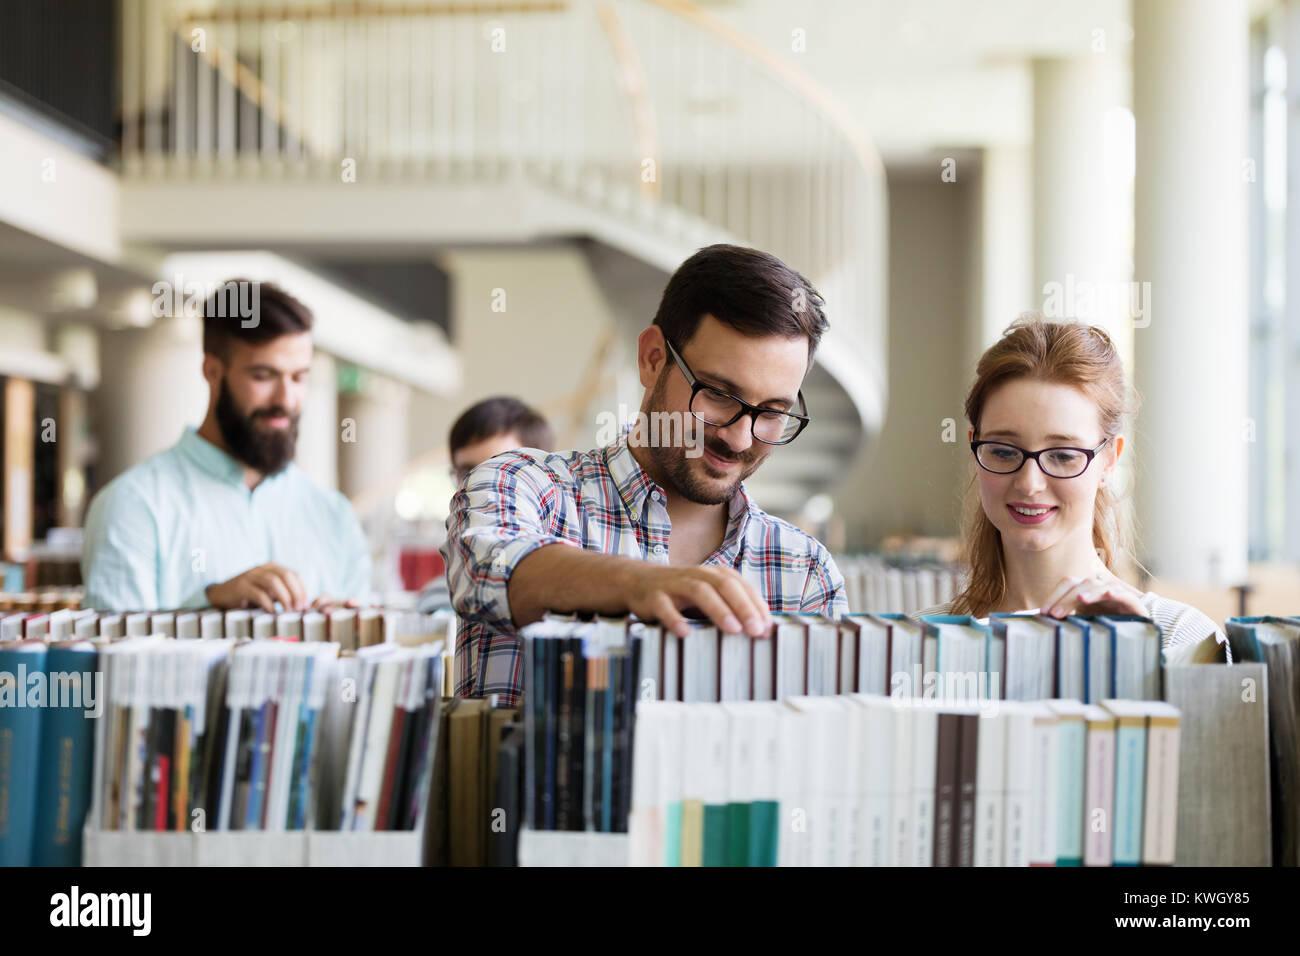 Felices los jóvenes universitarios que estudian con libros en la biblioteca Imagen De Stock